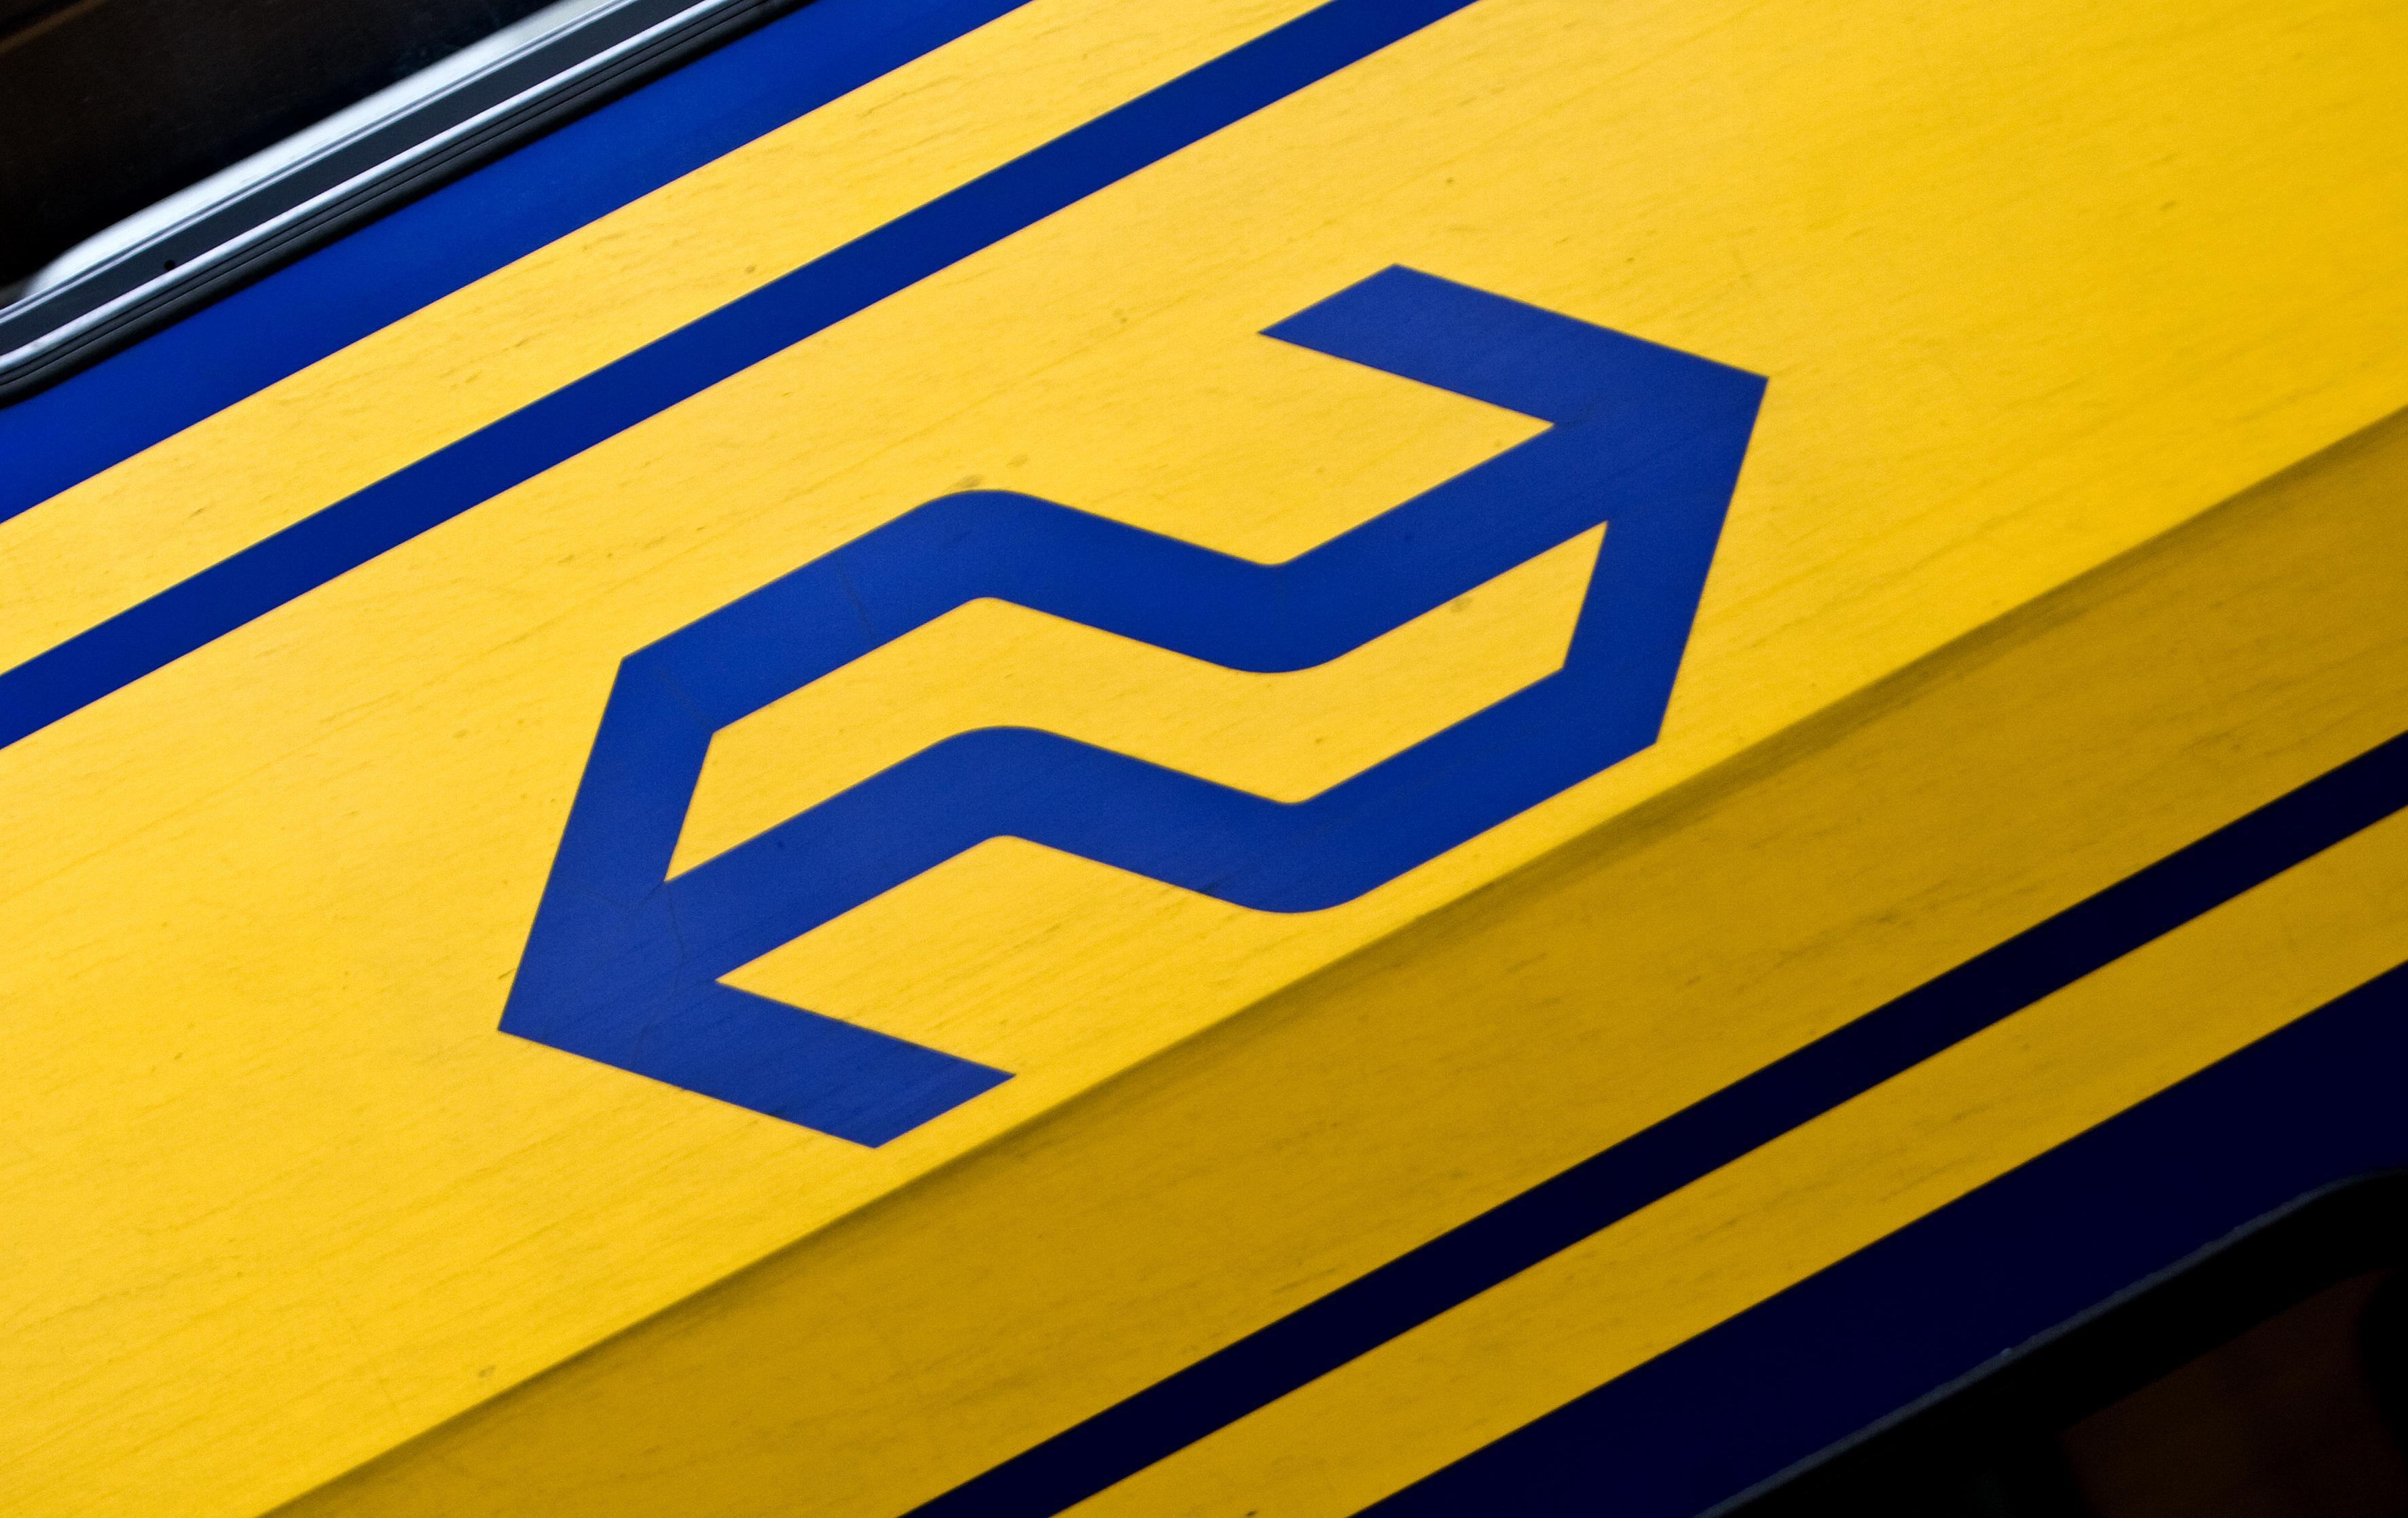 Treinen tussen Alphen aan den Rijn en Bodegraven rijden weer